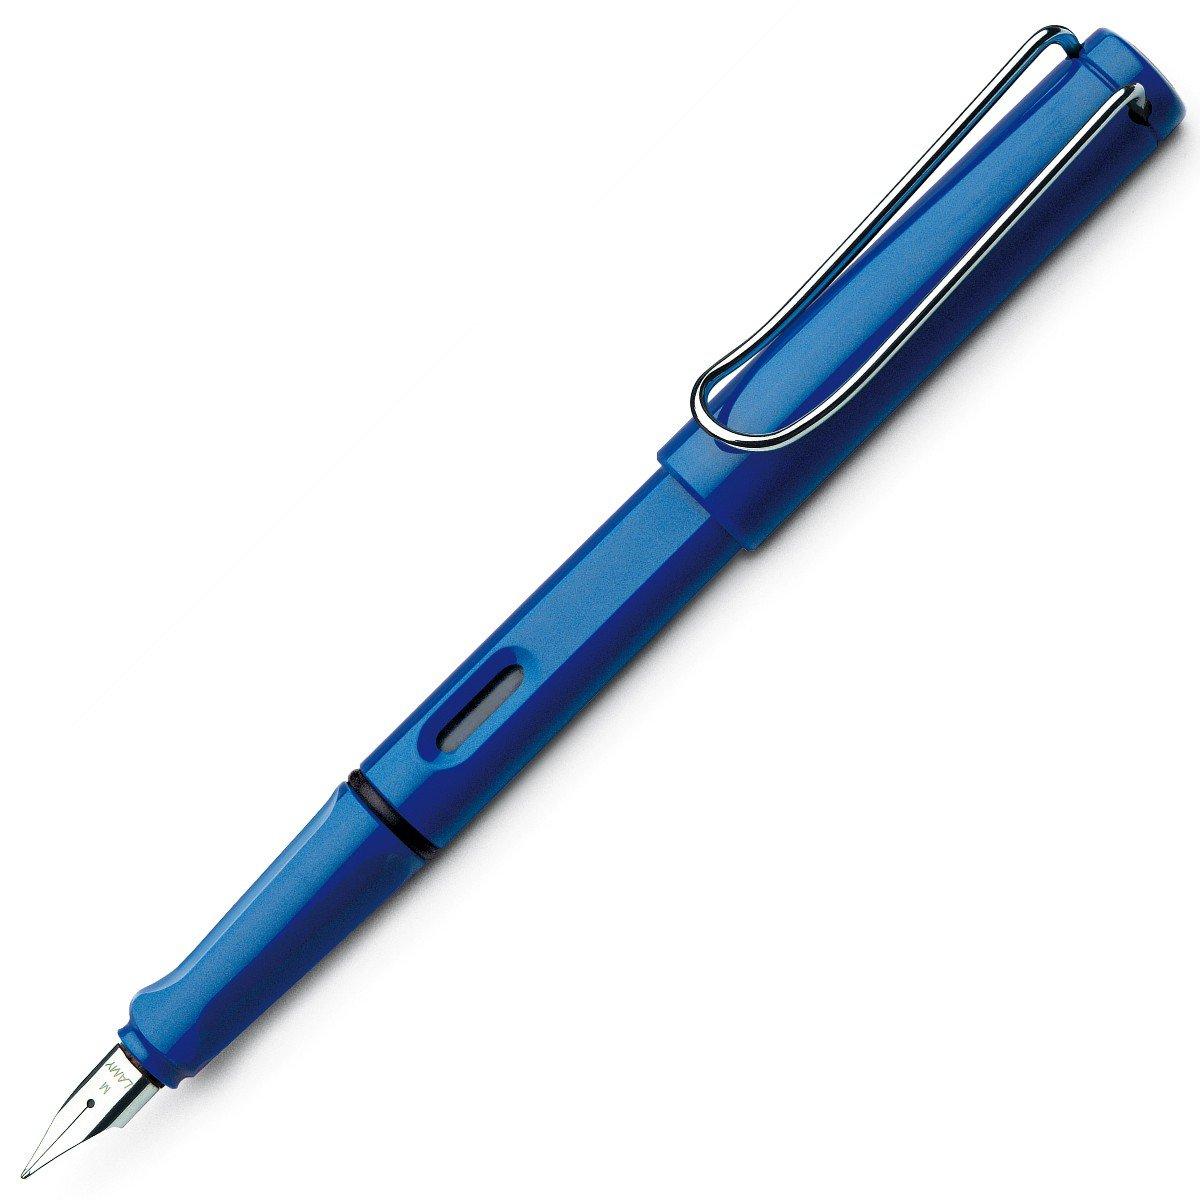 Model 014 LAMY safari Nib Fountain Pen Medium Blue